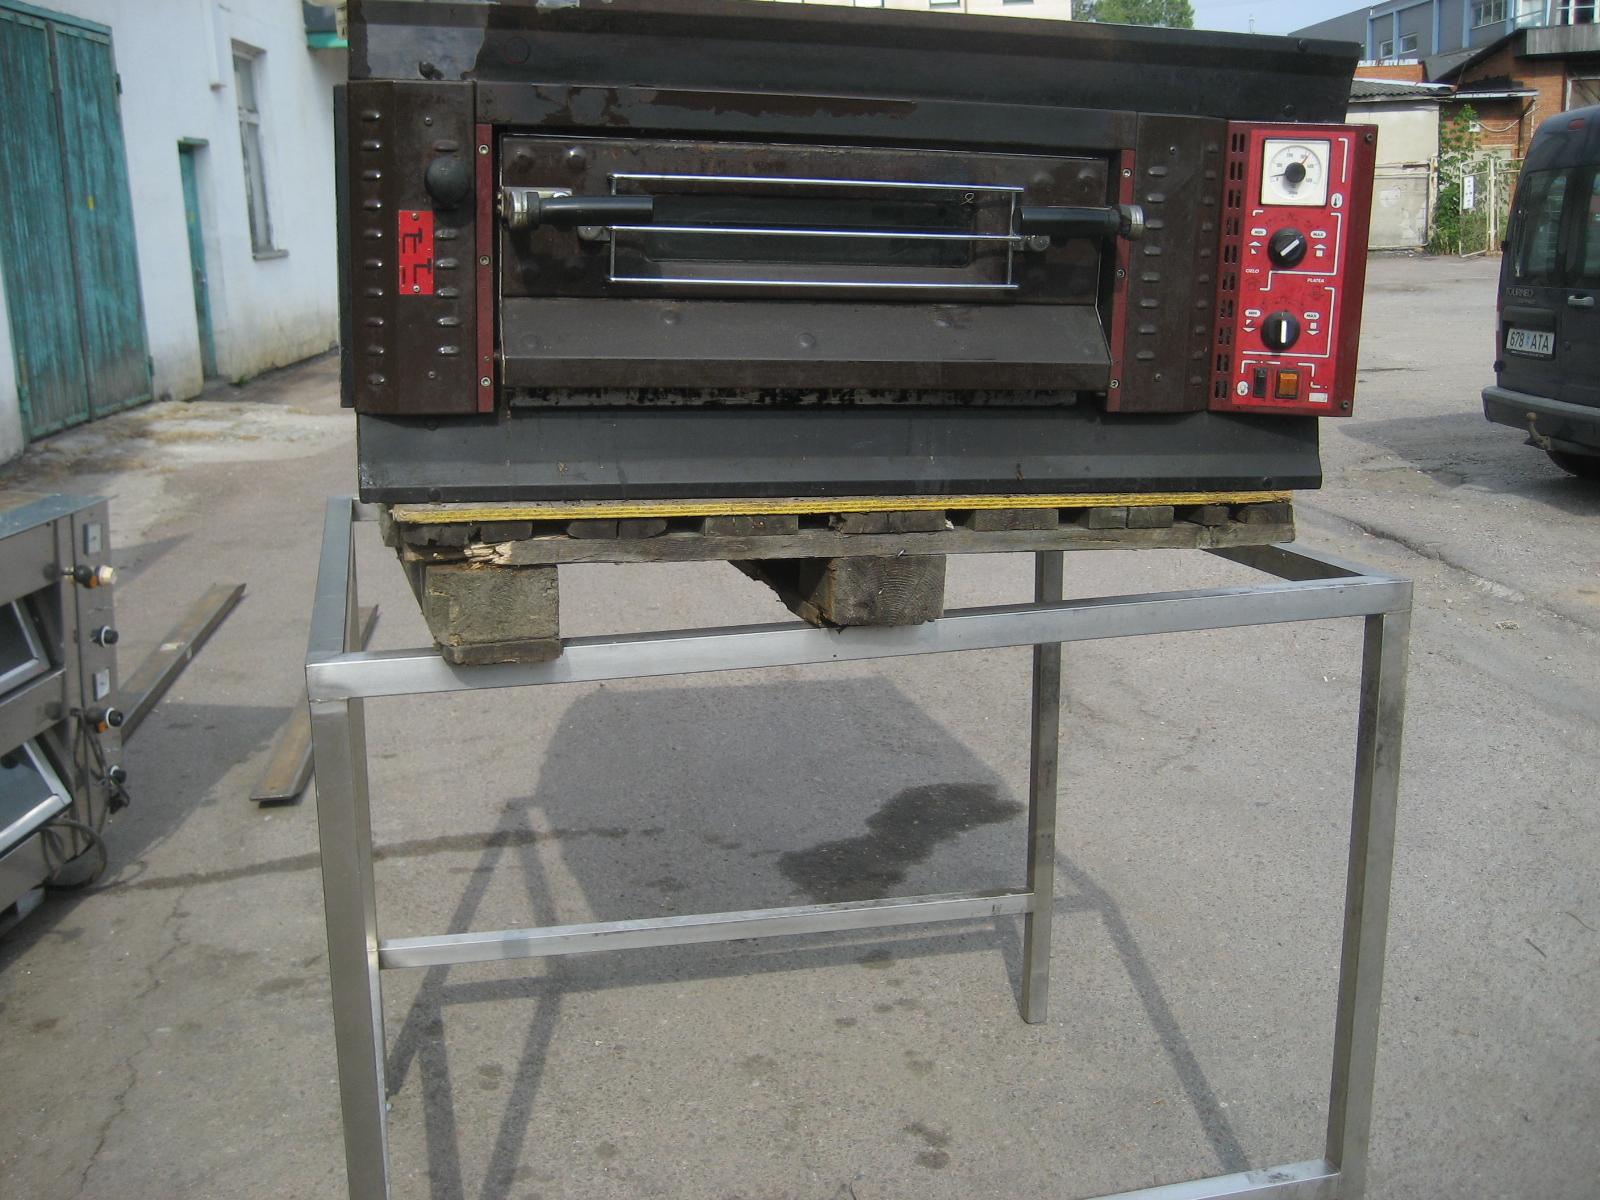 Pizzaahi OEM S-R-69